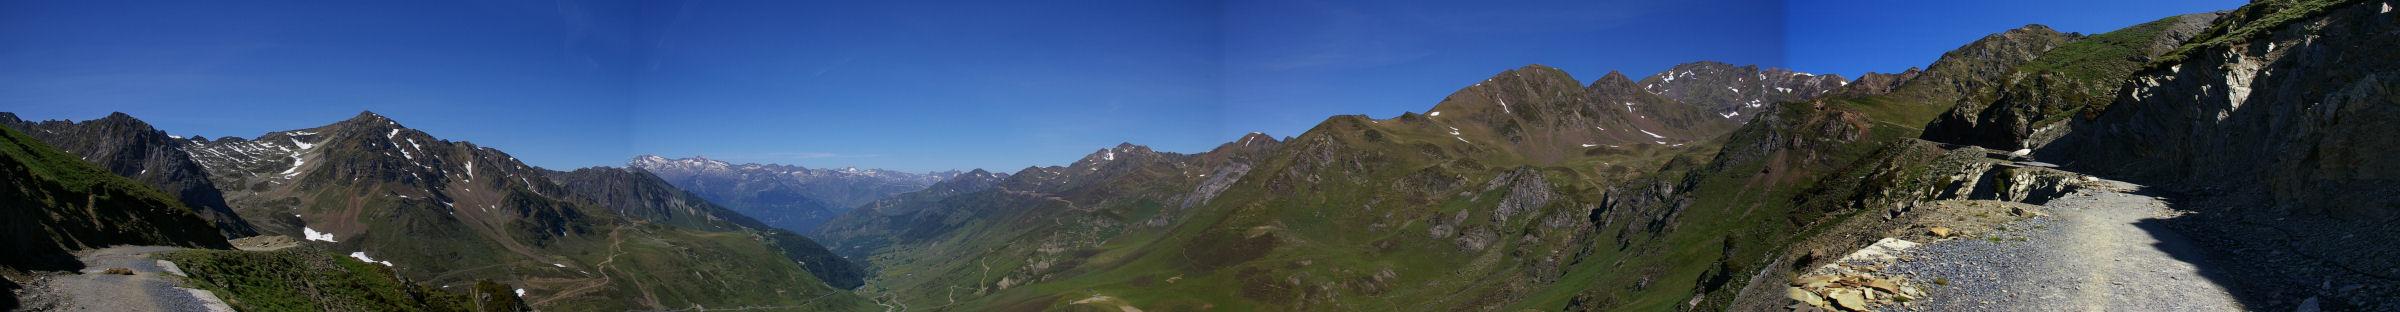 Panorama sur la vallée de Barèges